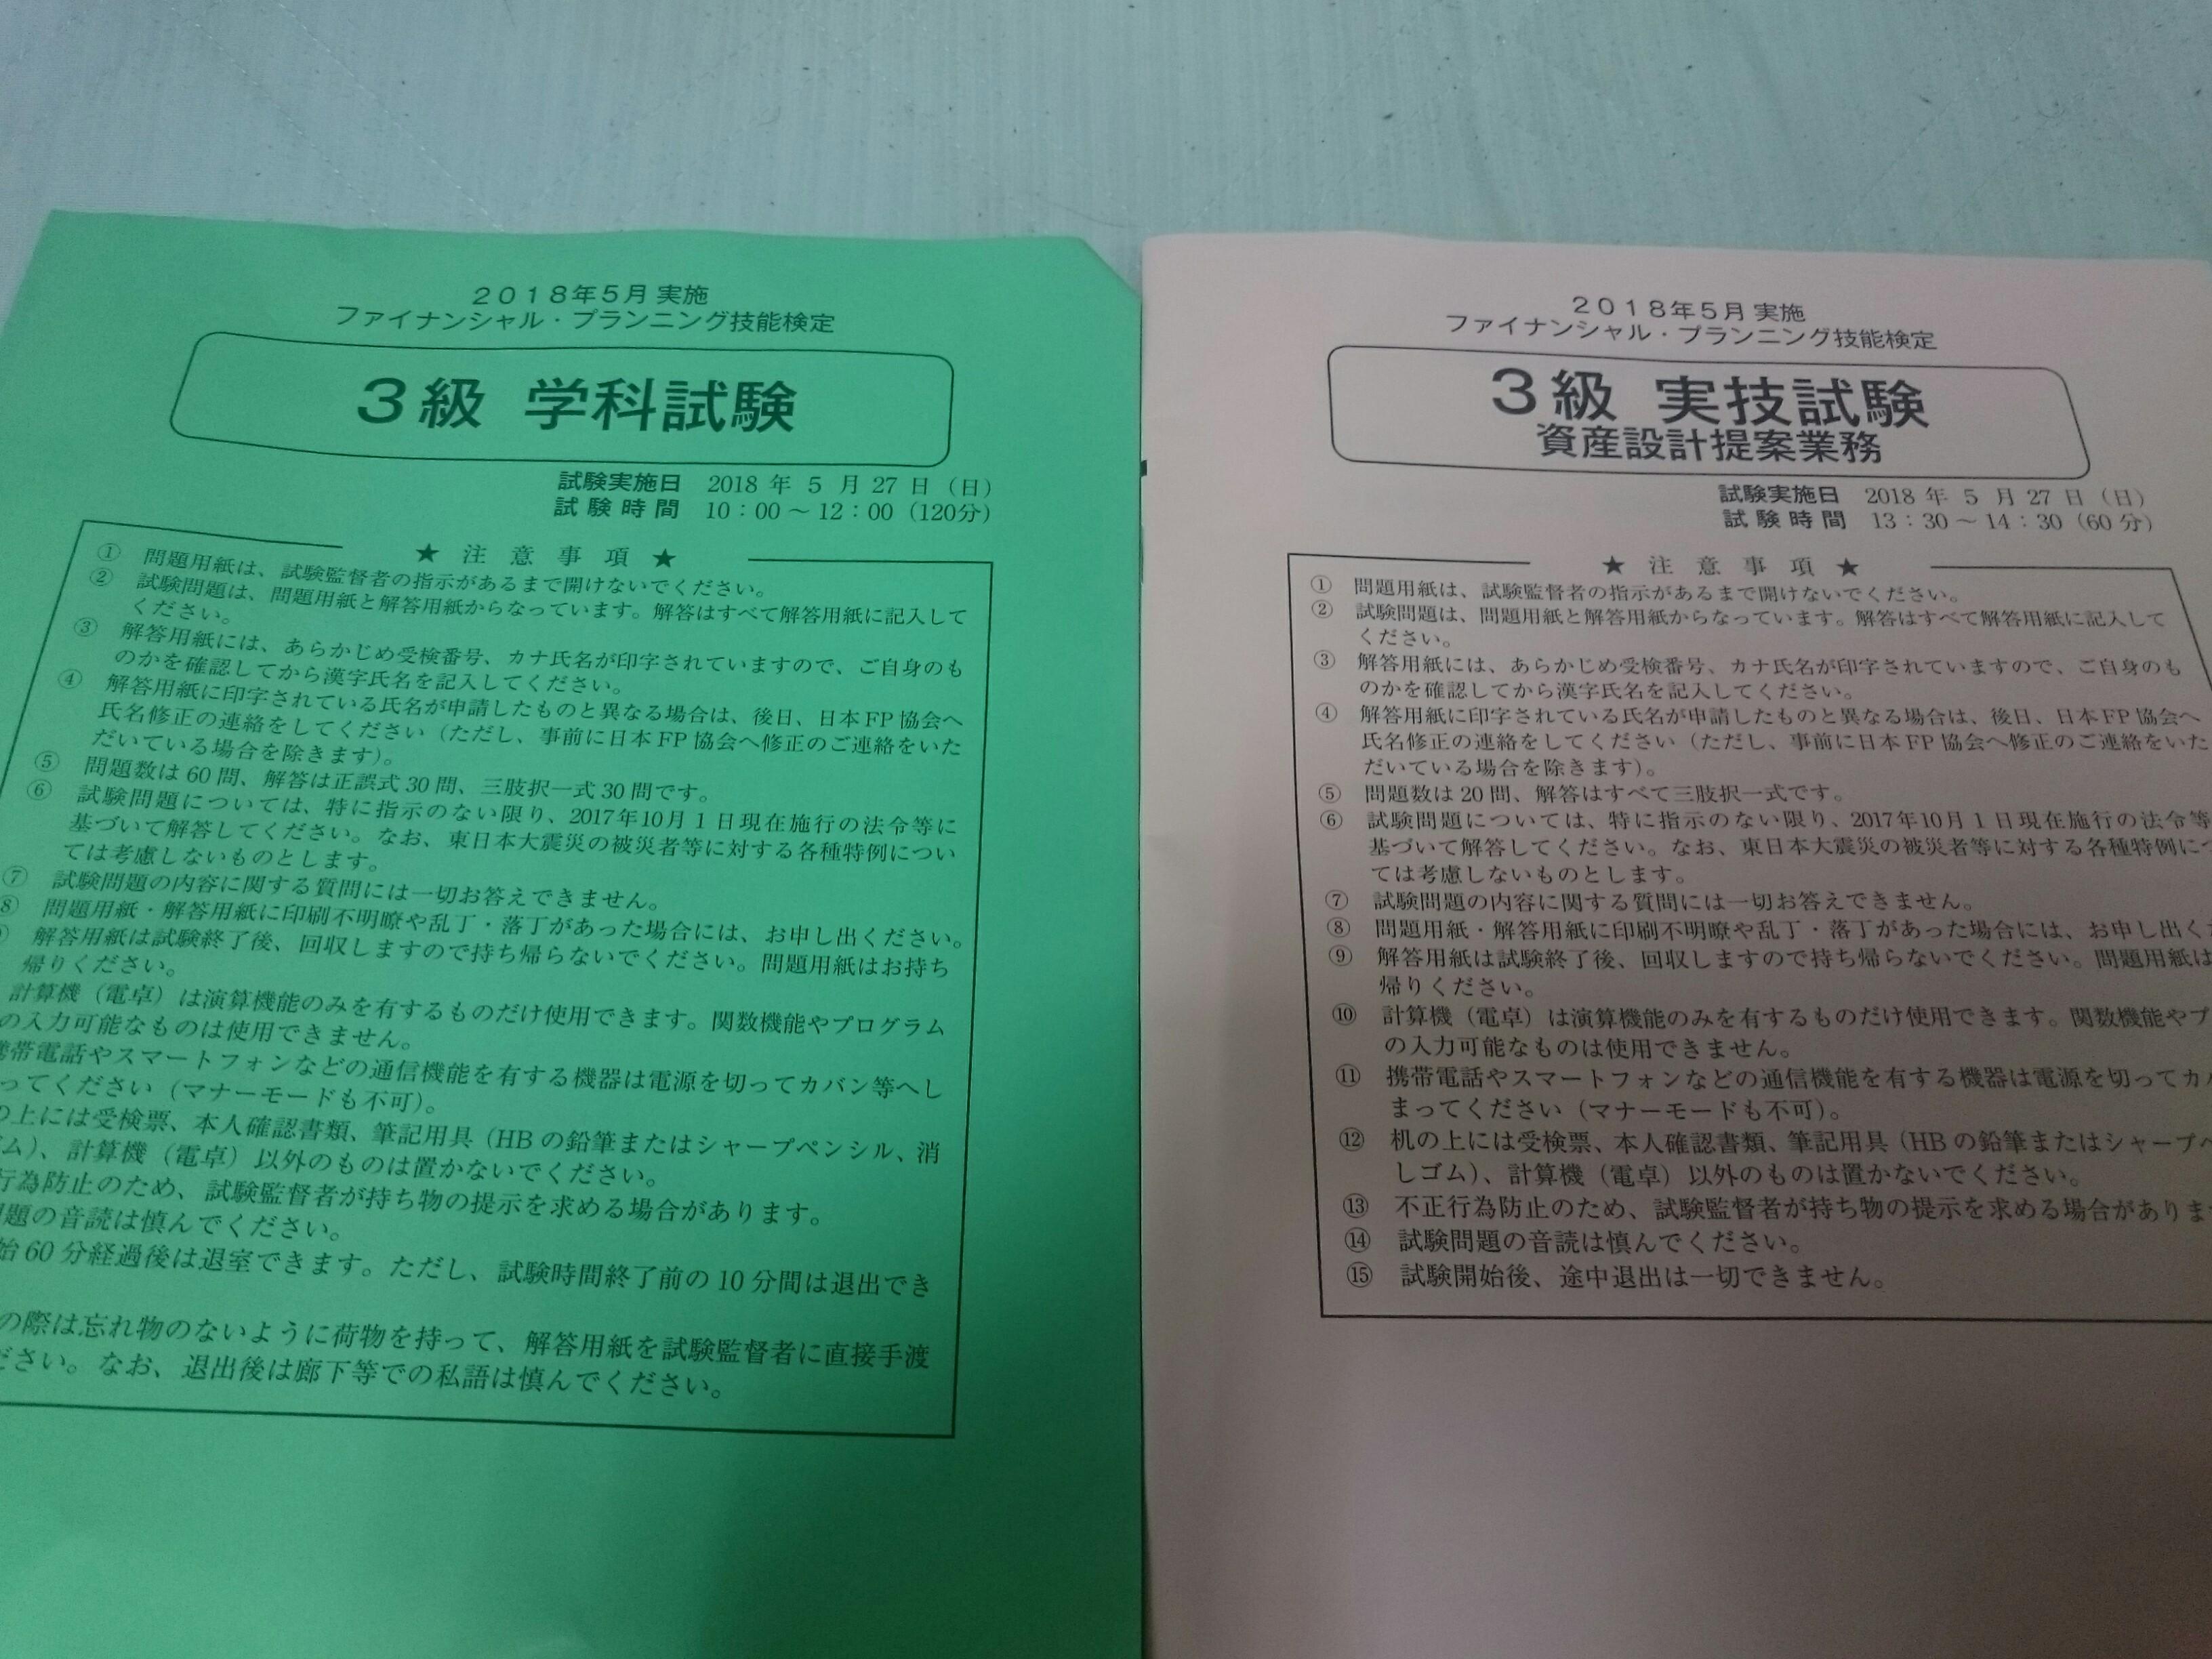 ファイナンシャルプランニング検定3級